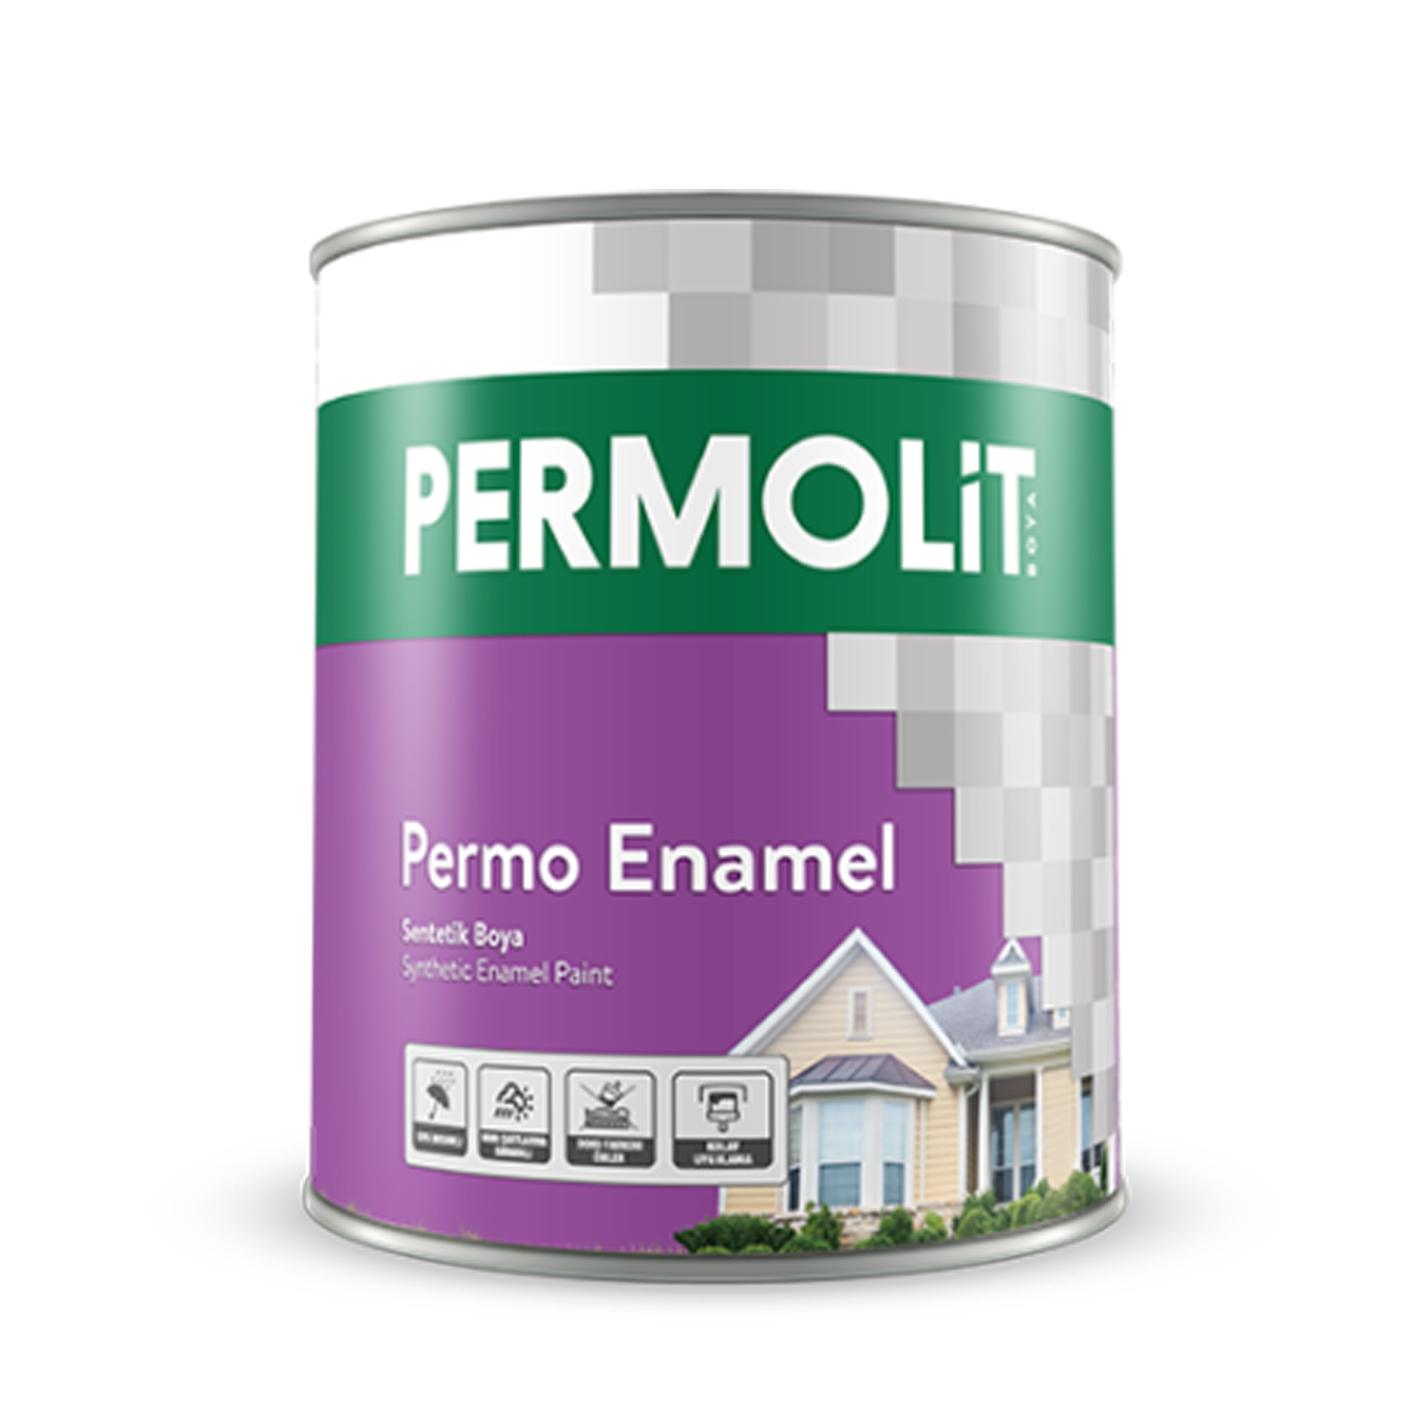 Permolit Permo Enamel Sentetik Bayrak Kırmızı 0.75Lt